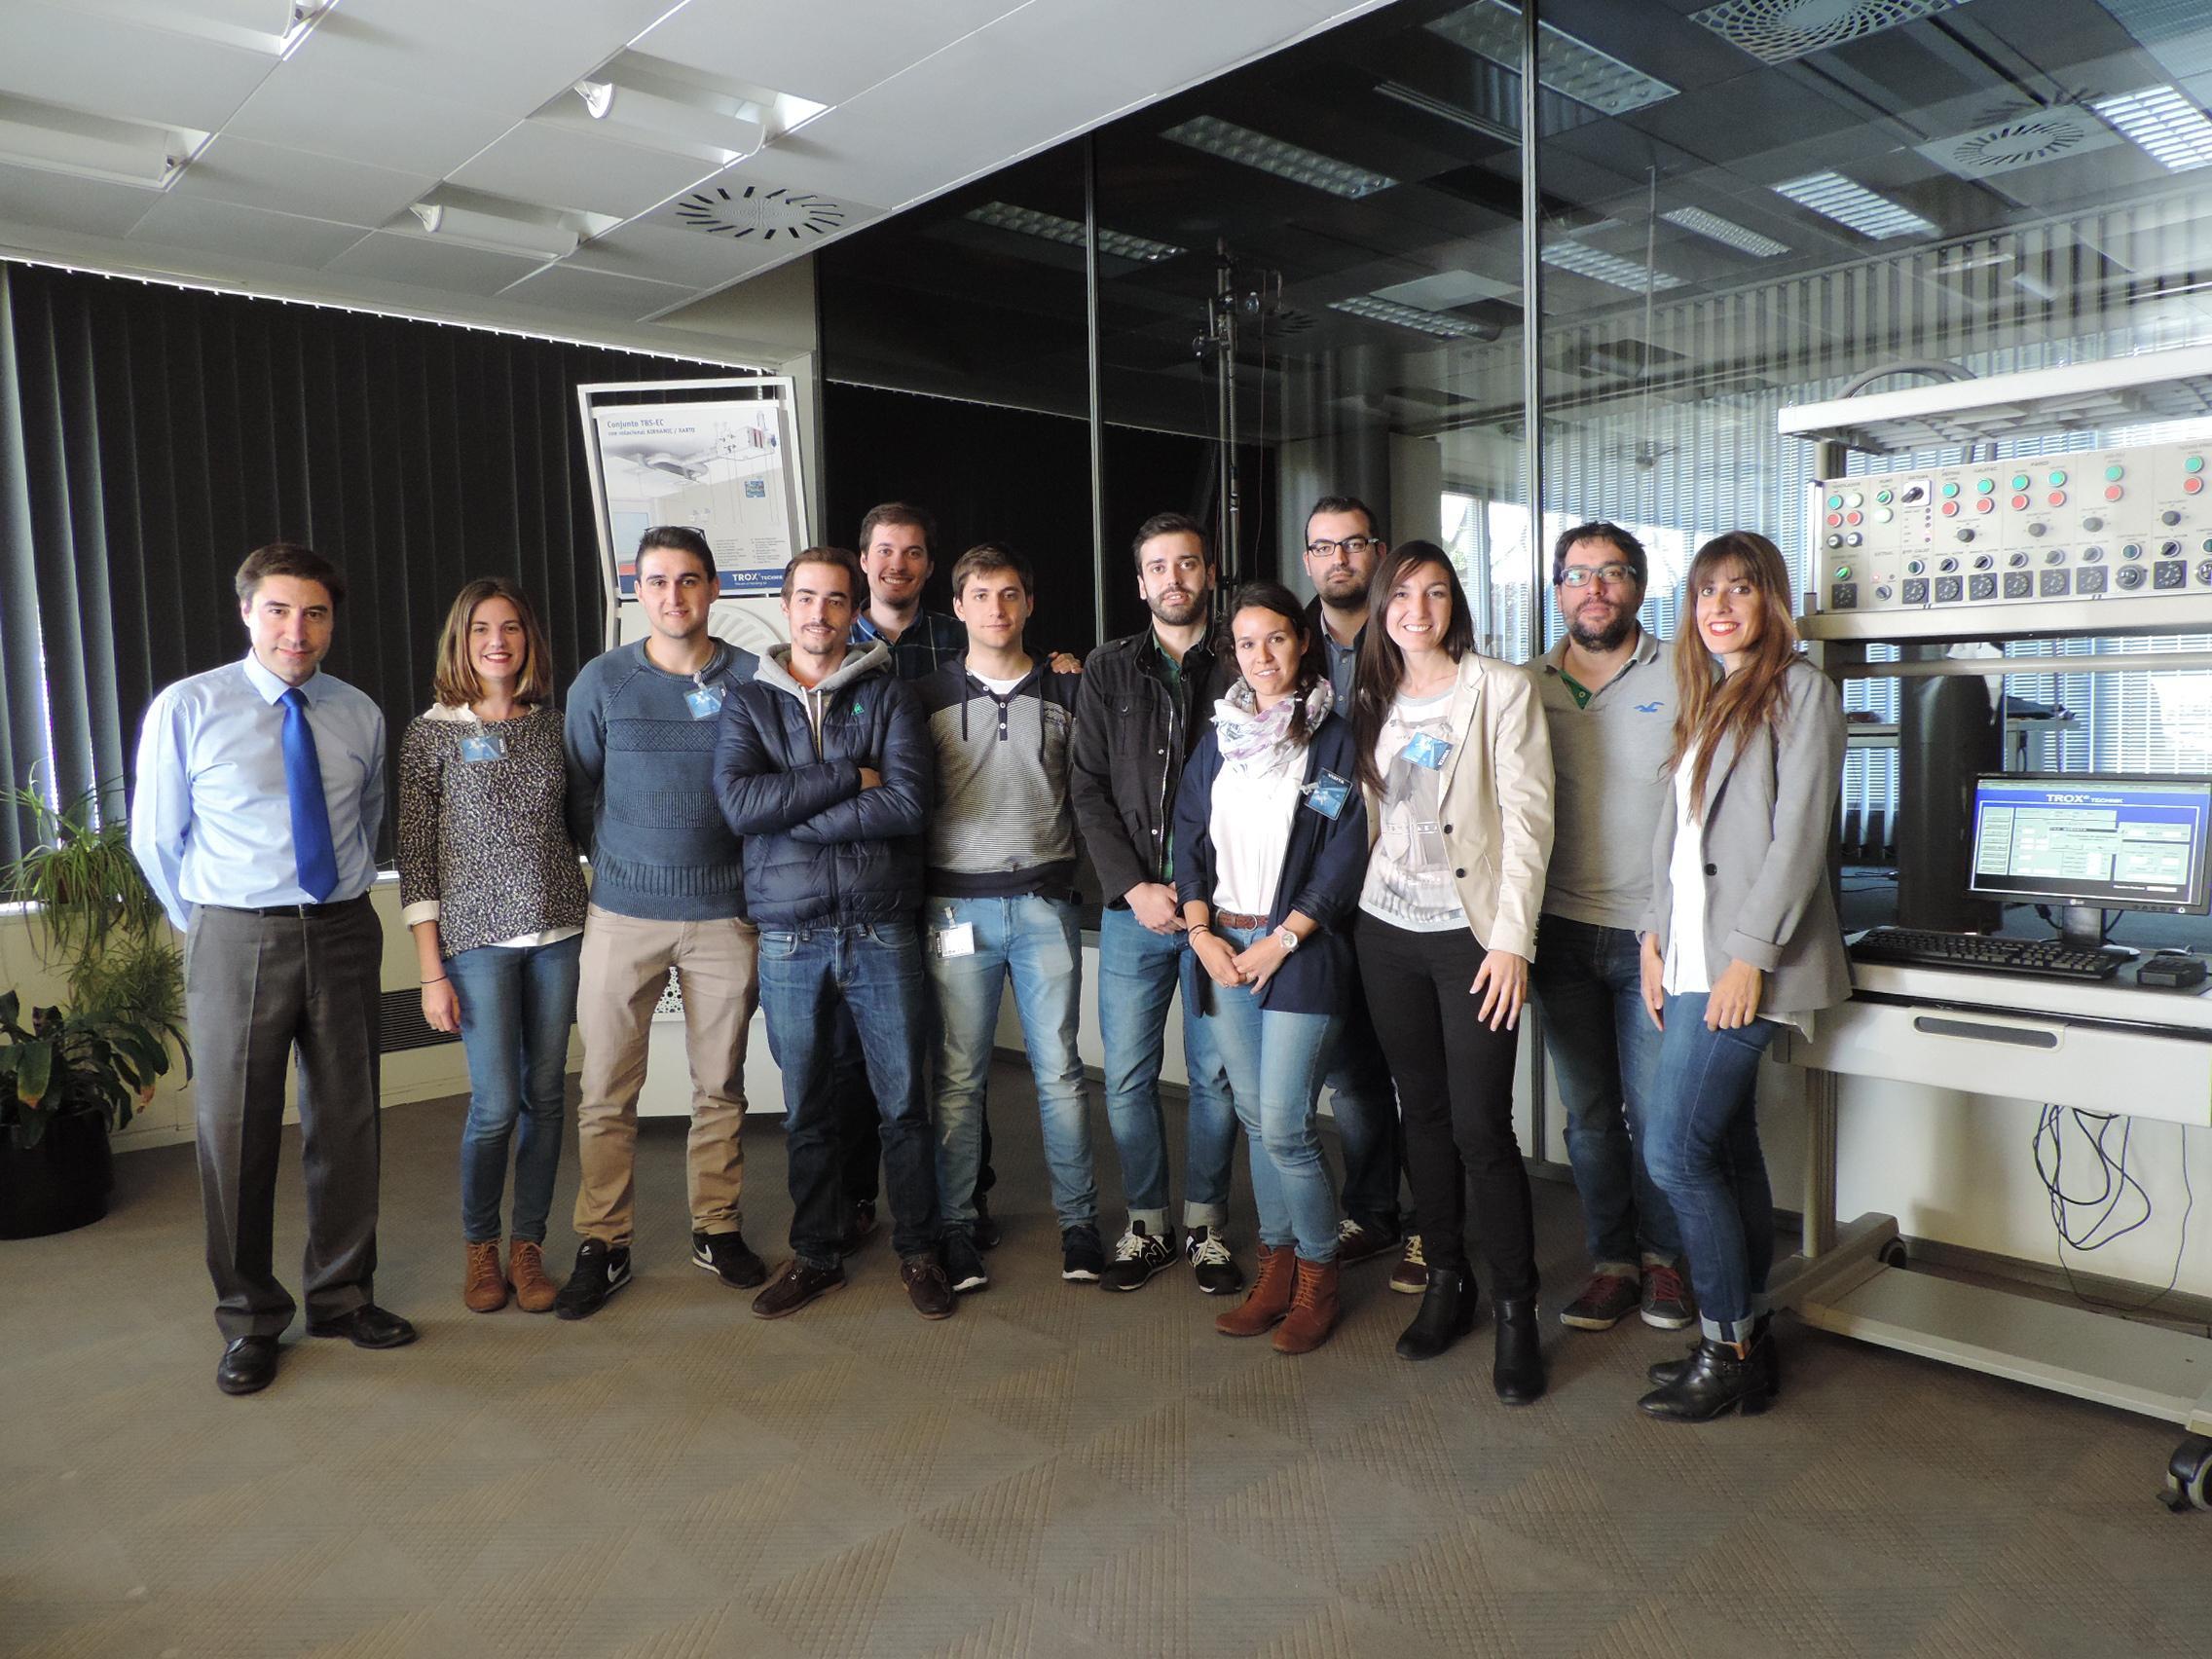 Alumnos de IDESIE particiando en la Prueba de Ensayo de los Laboratorios de TROX España